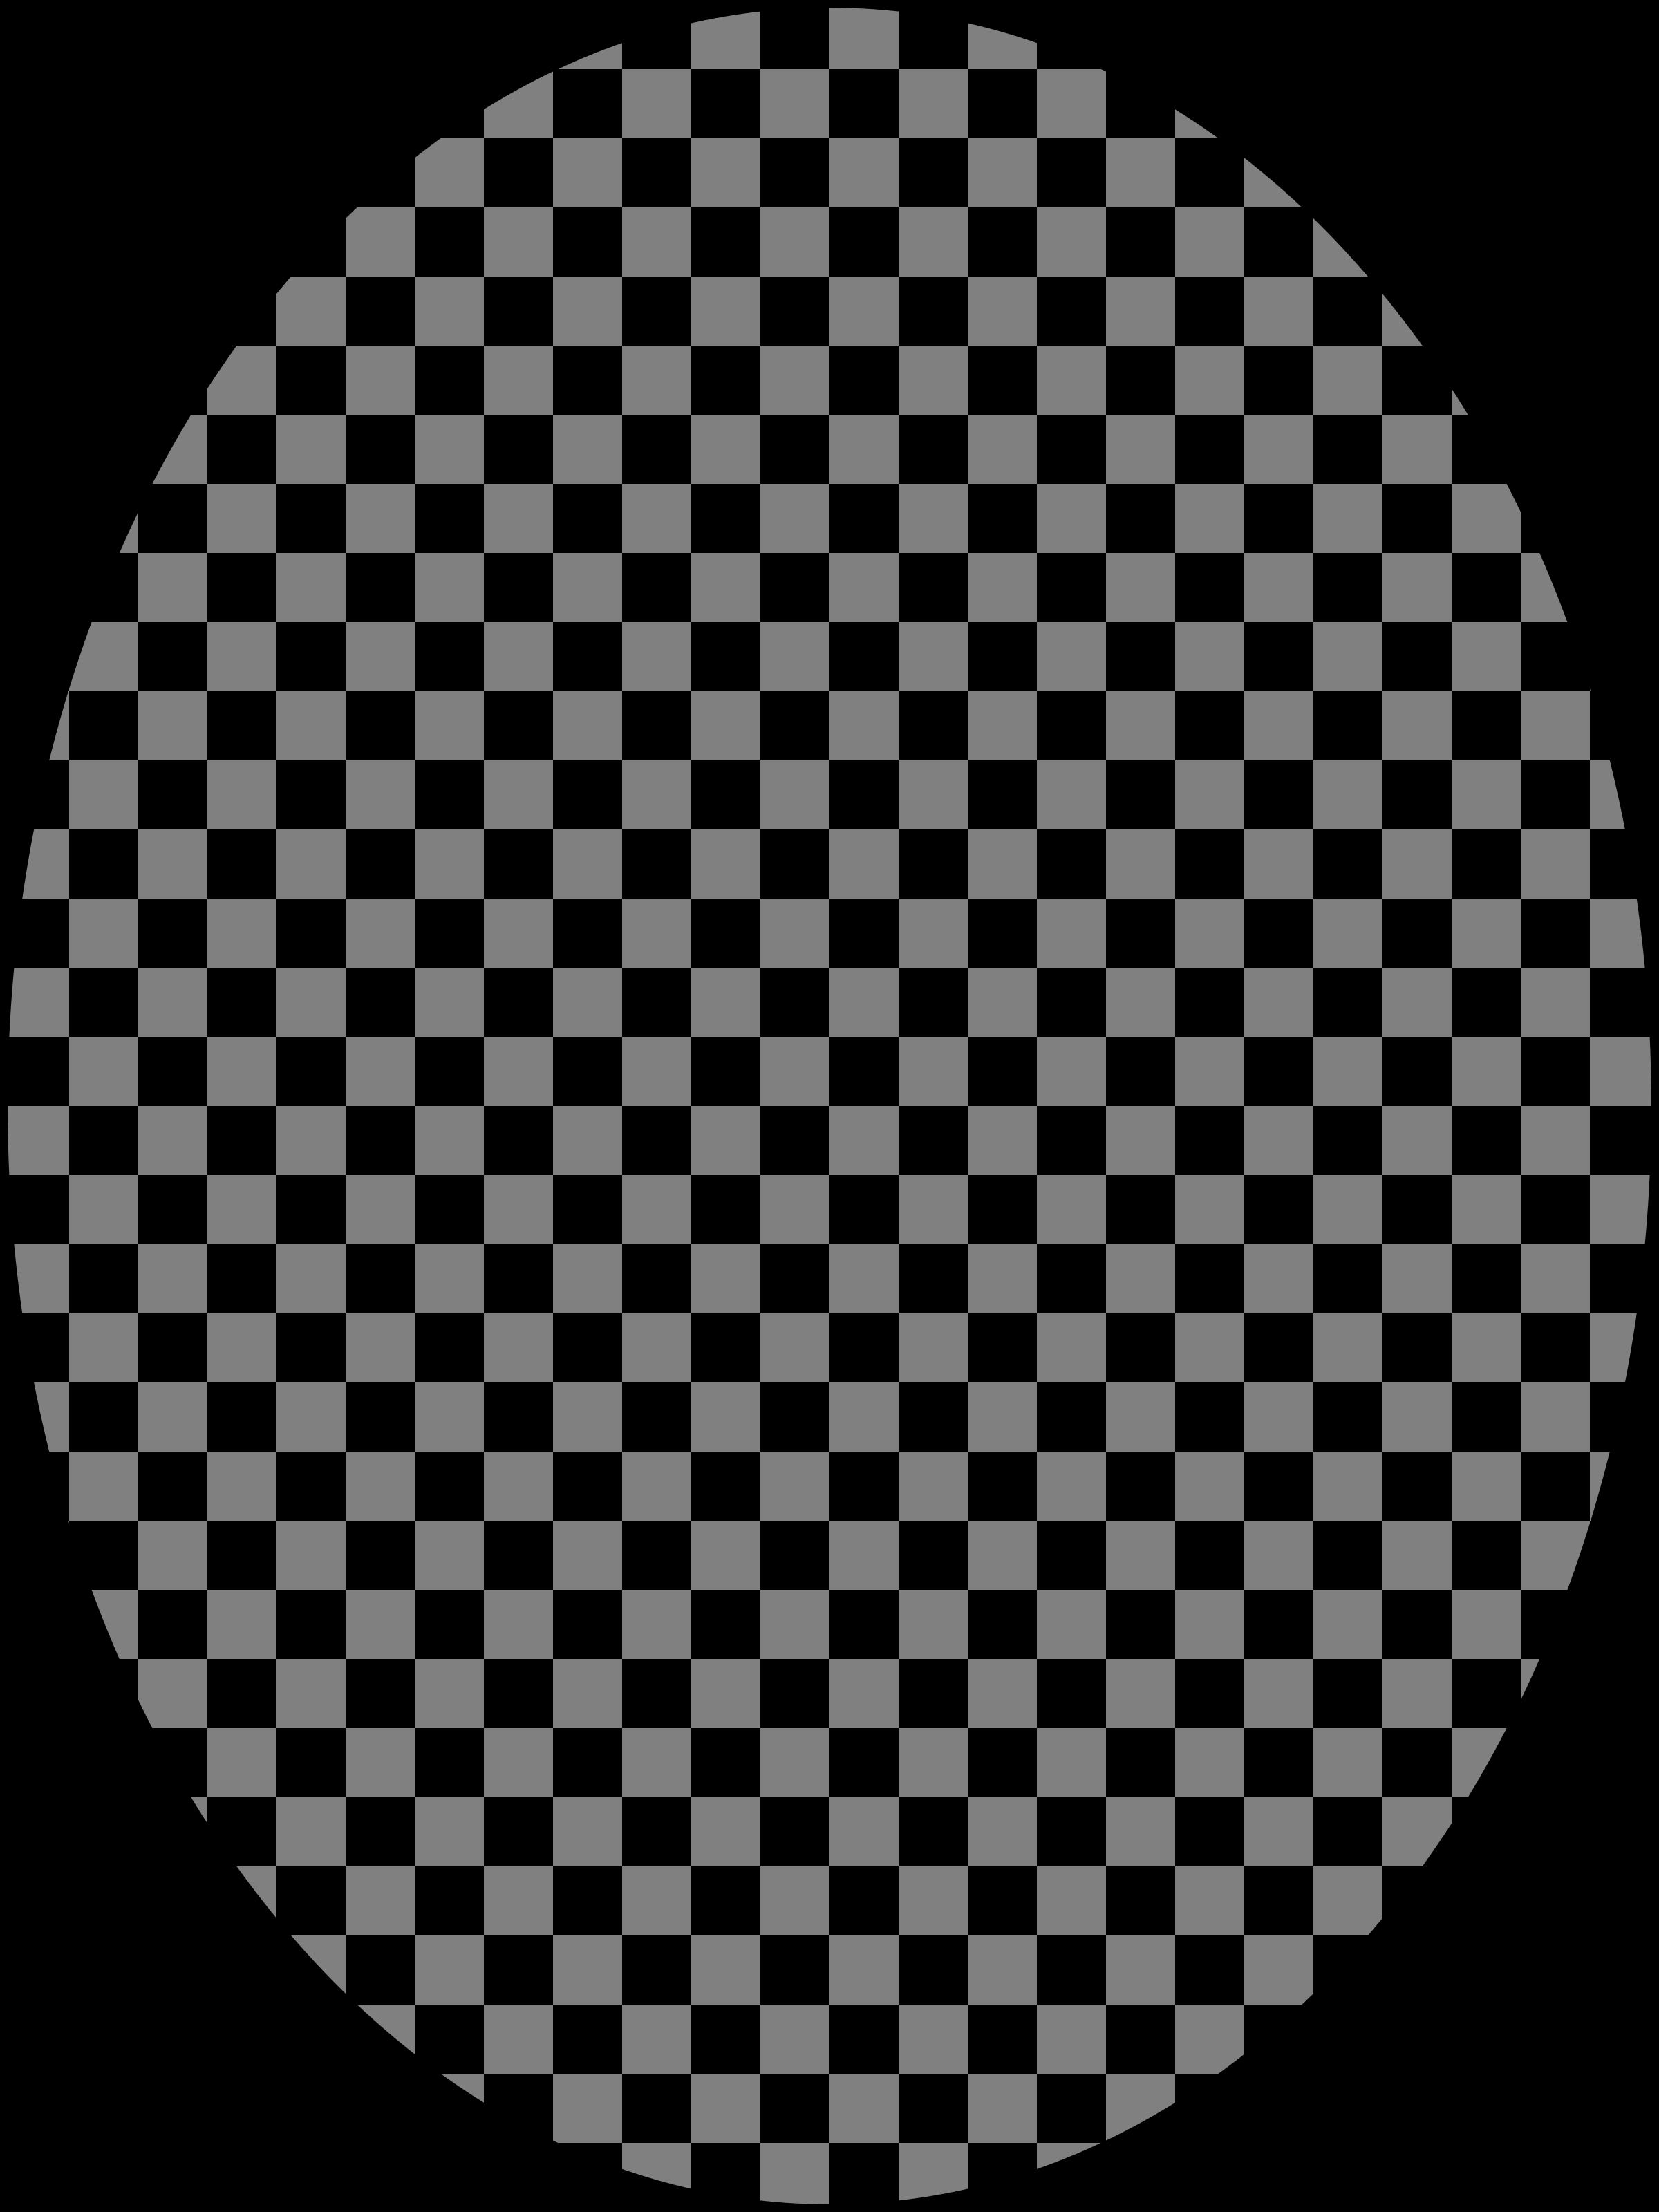 Pattern checkered pattern